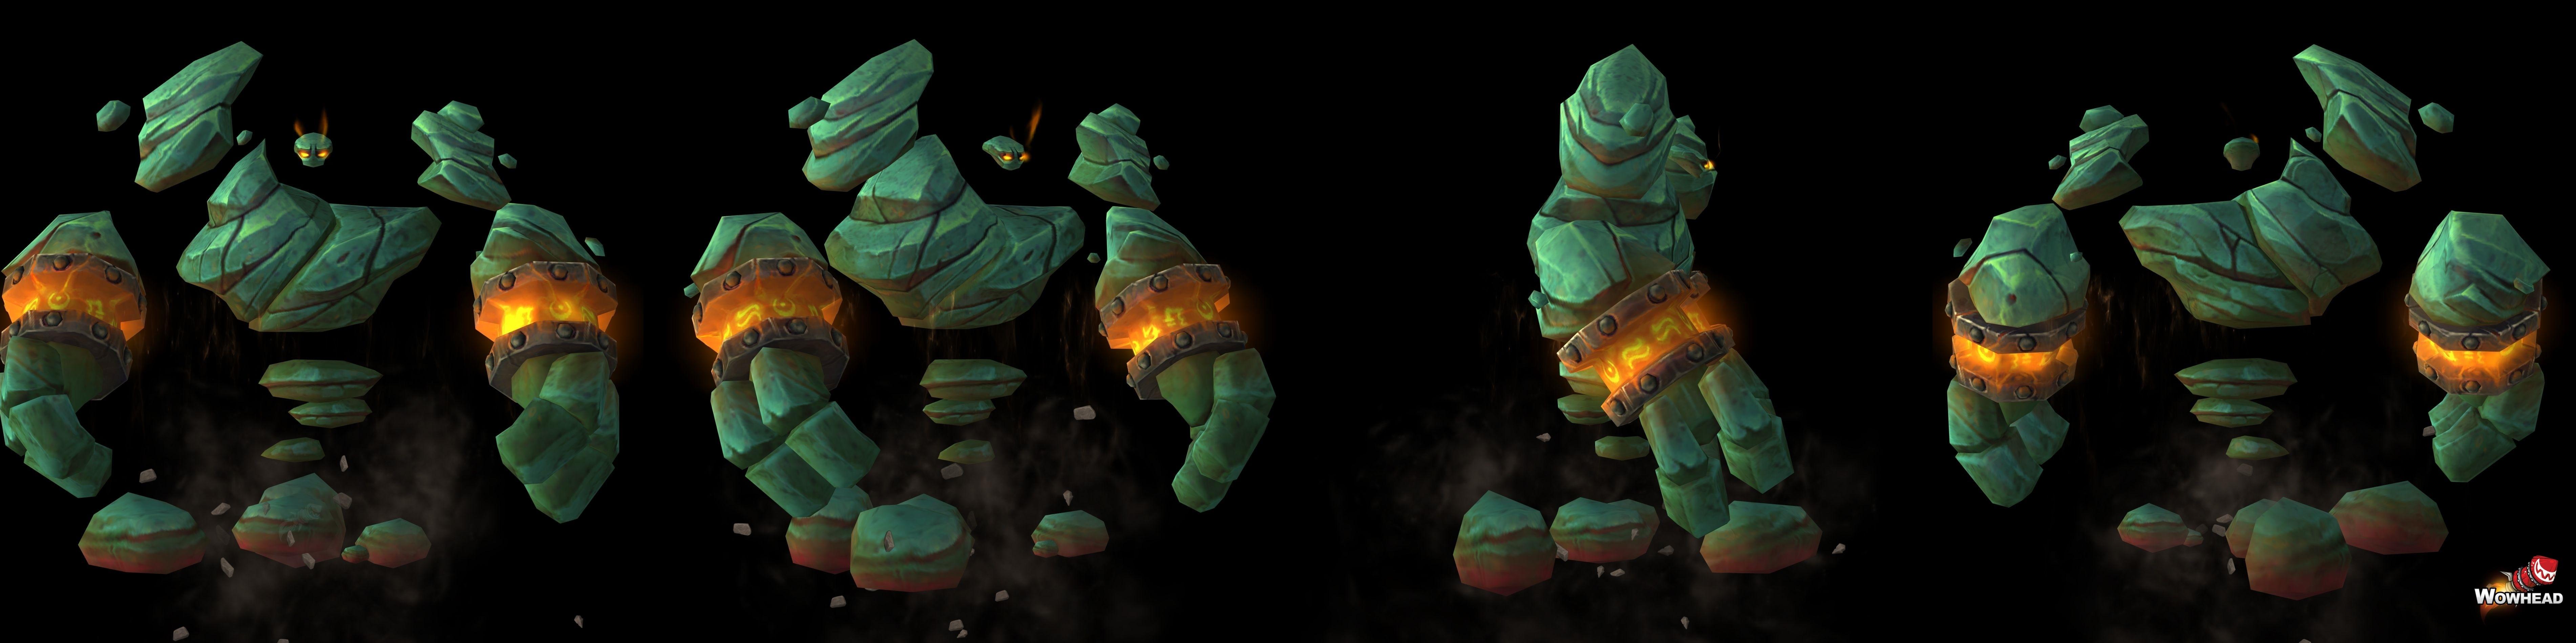 Nouveau modèle d'élémentaire de terre dans Battle for Azeroth